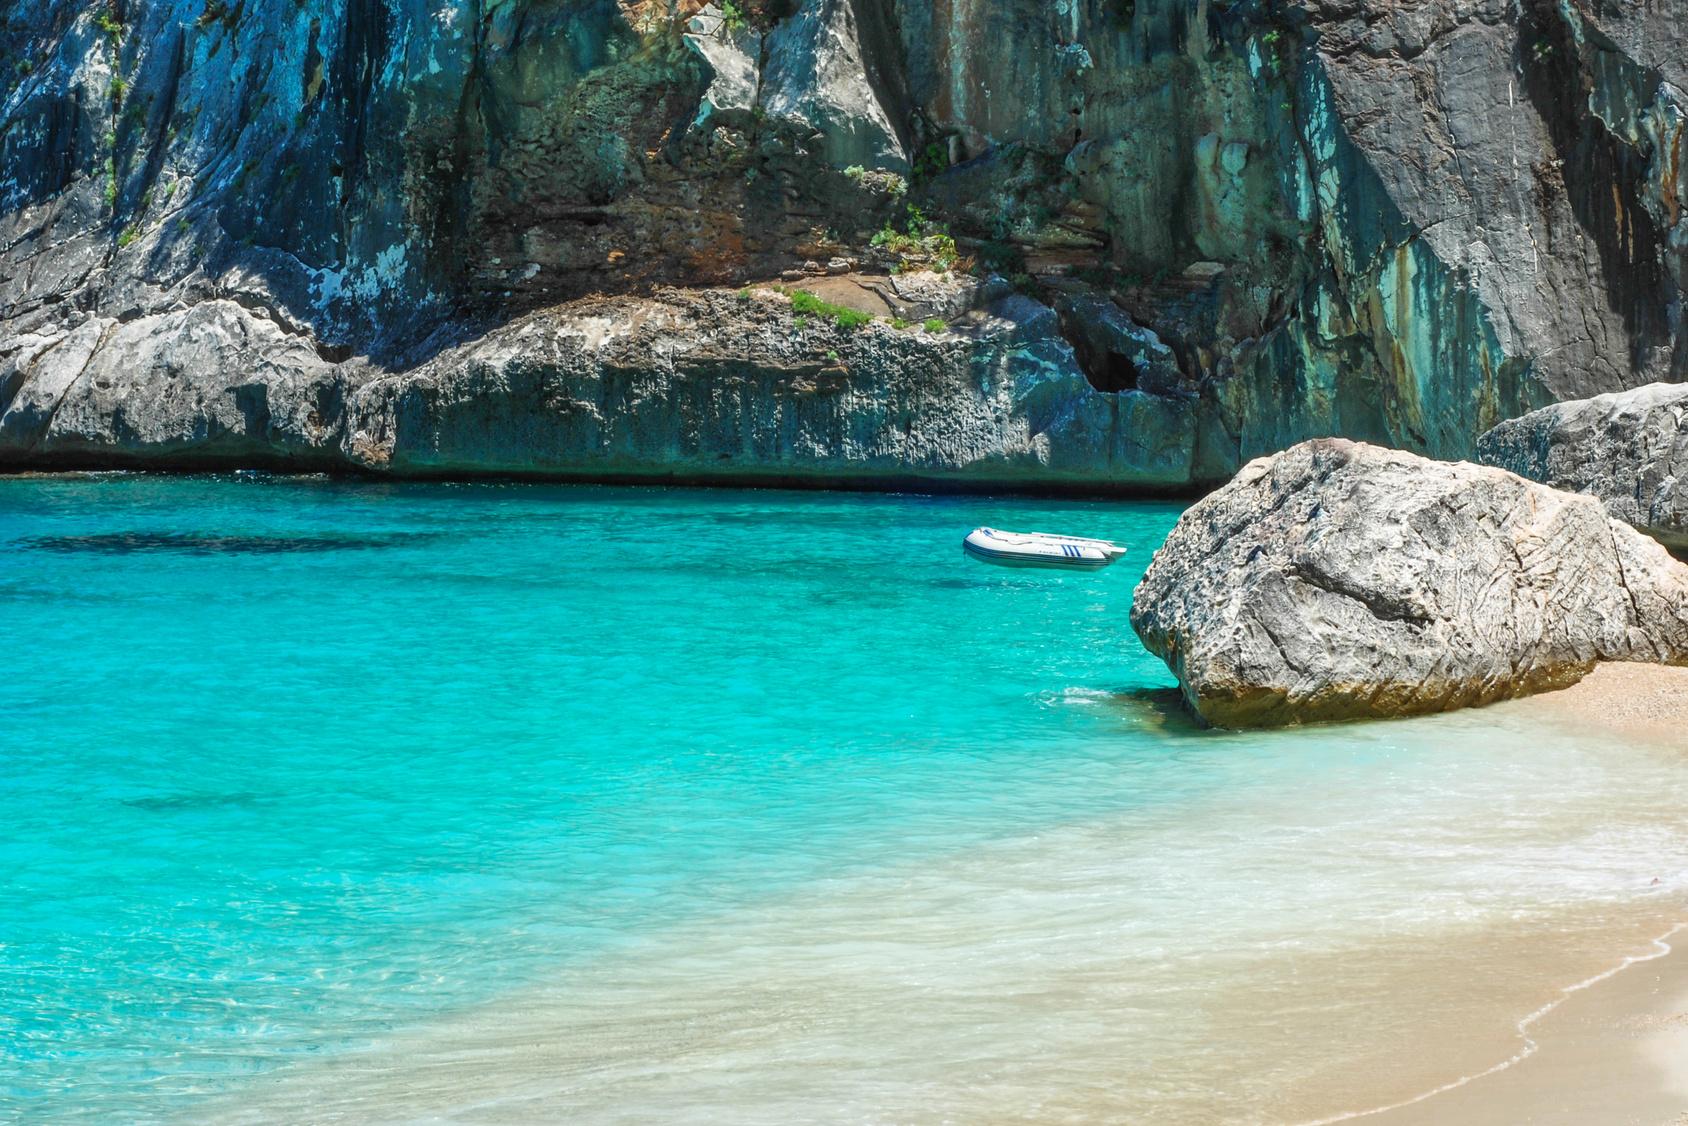 La Sardegna e le sue magnifiche spiagge